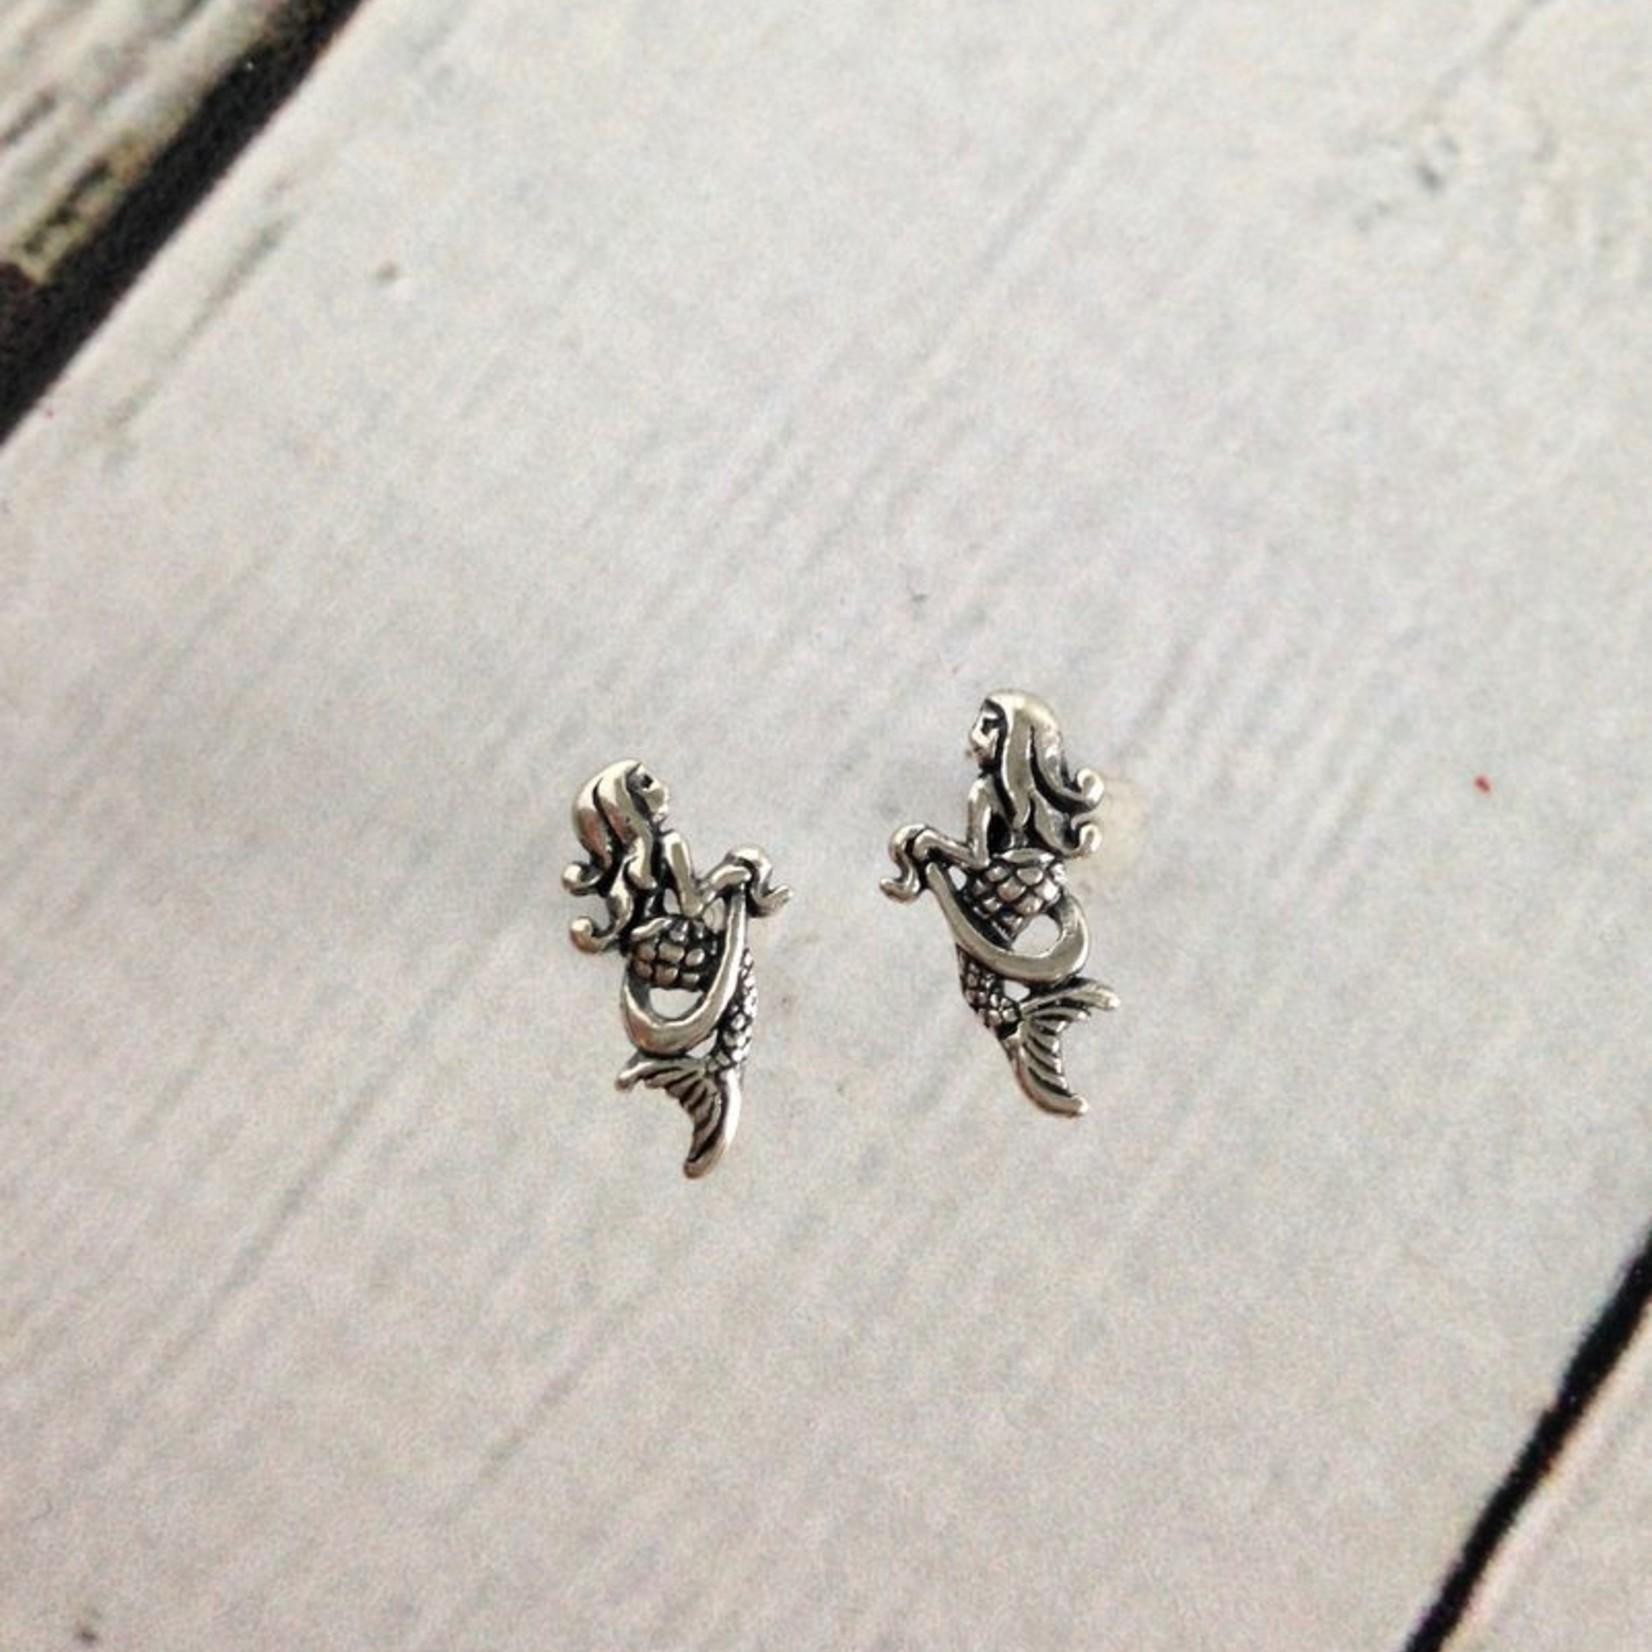 Mermaid Stud Earrings, Sterling Silver